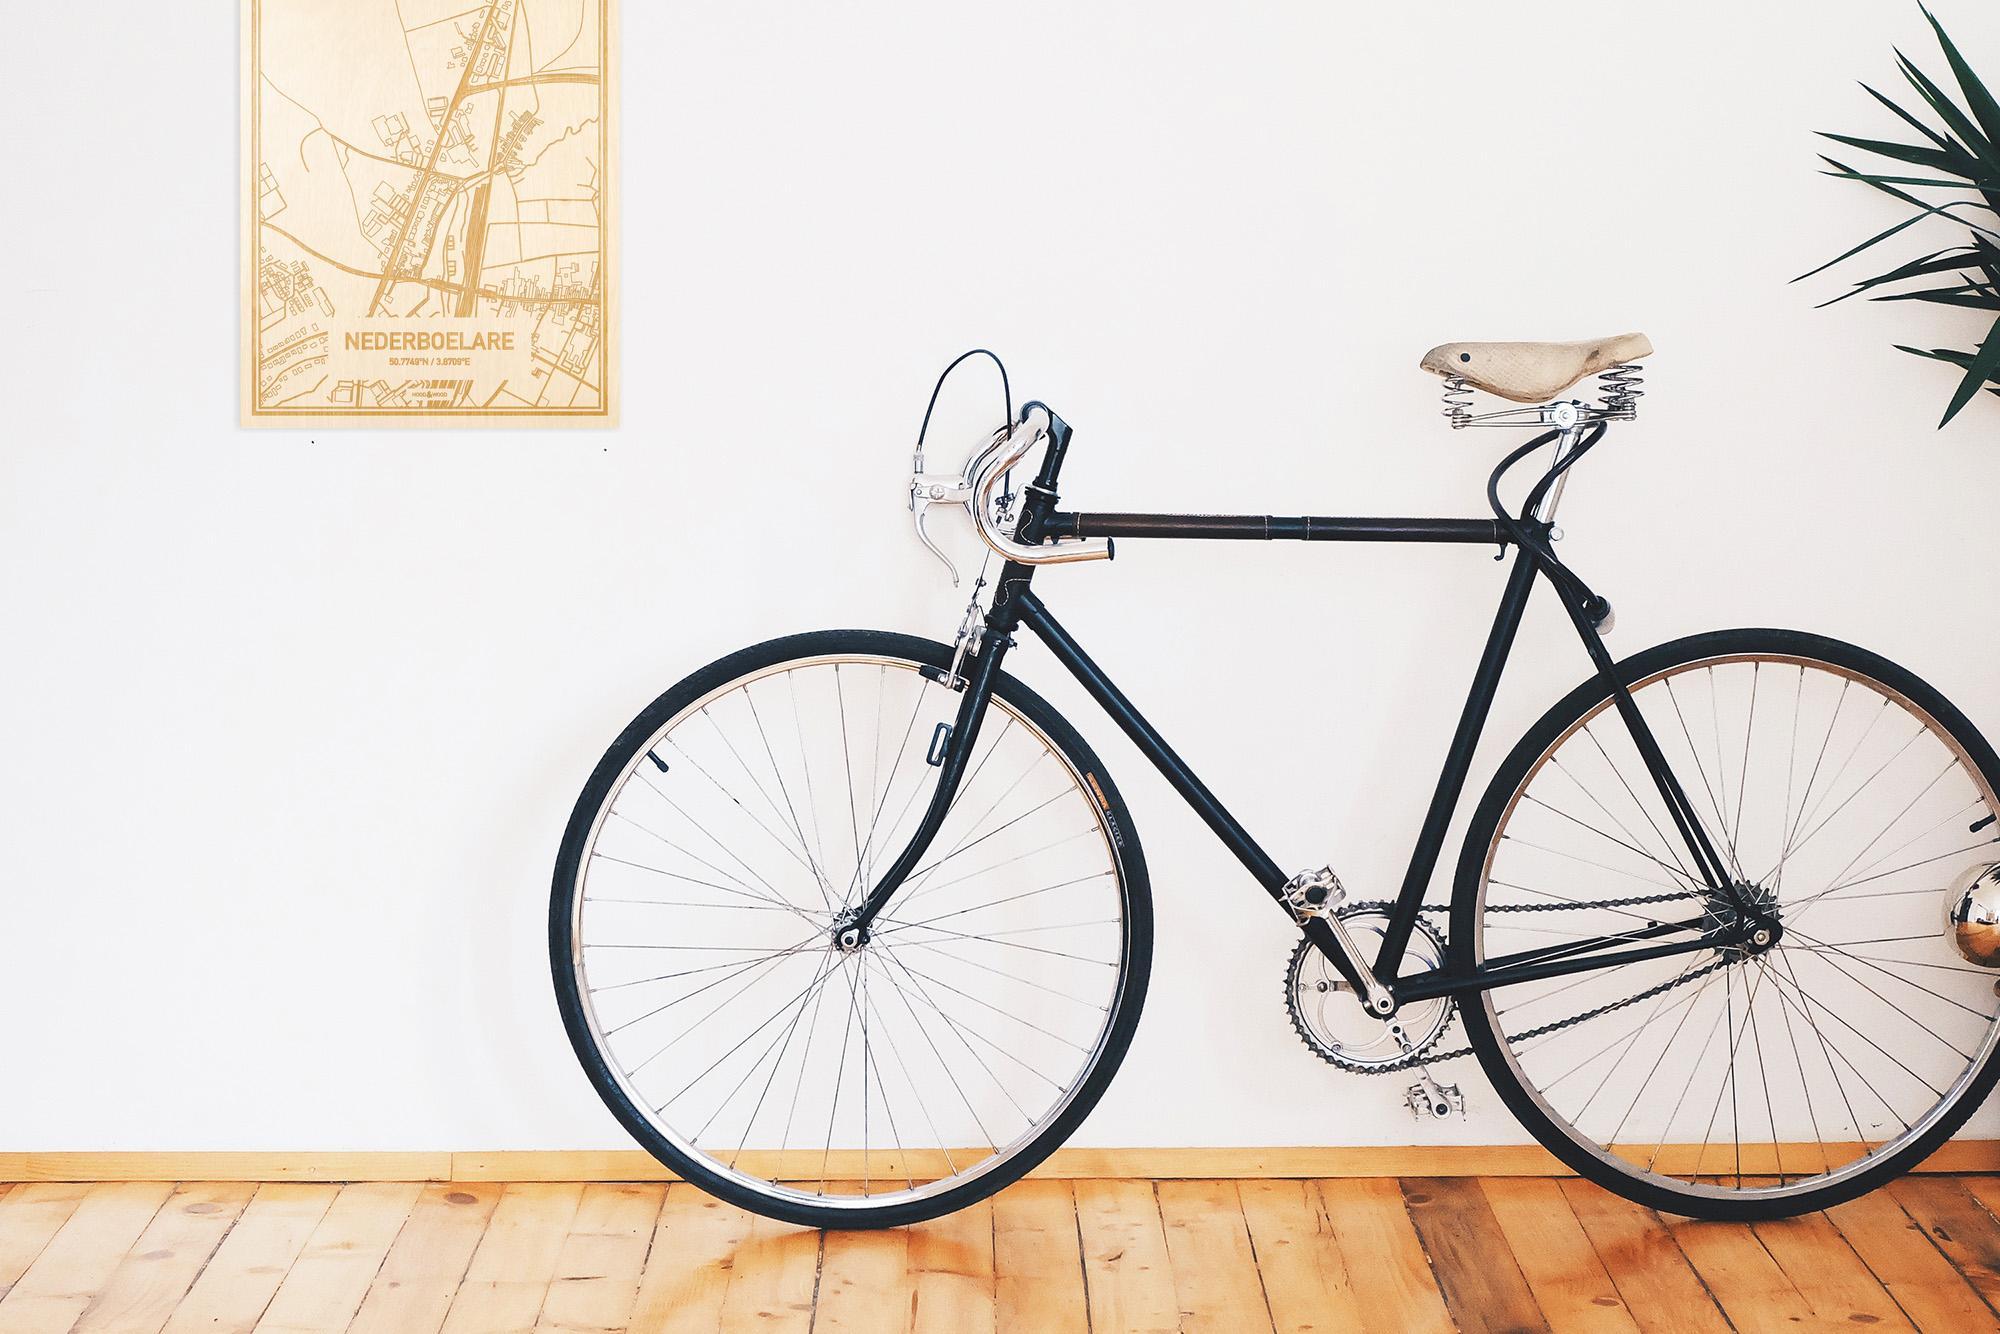 Een snelle fiets in een uniek interieur in Oost-Vlaanderen  met mooie decoratie zoals de plattegrond Nederboelare.